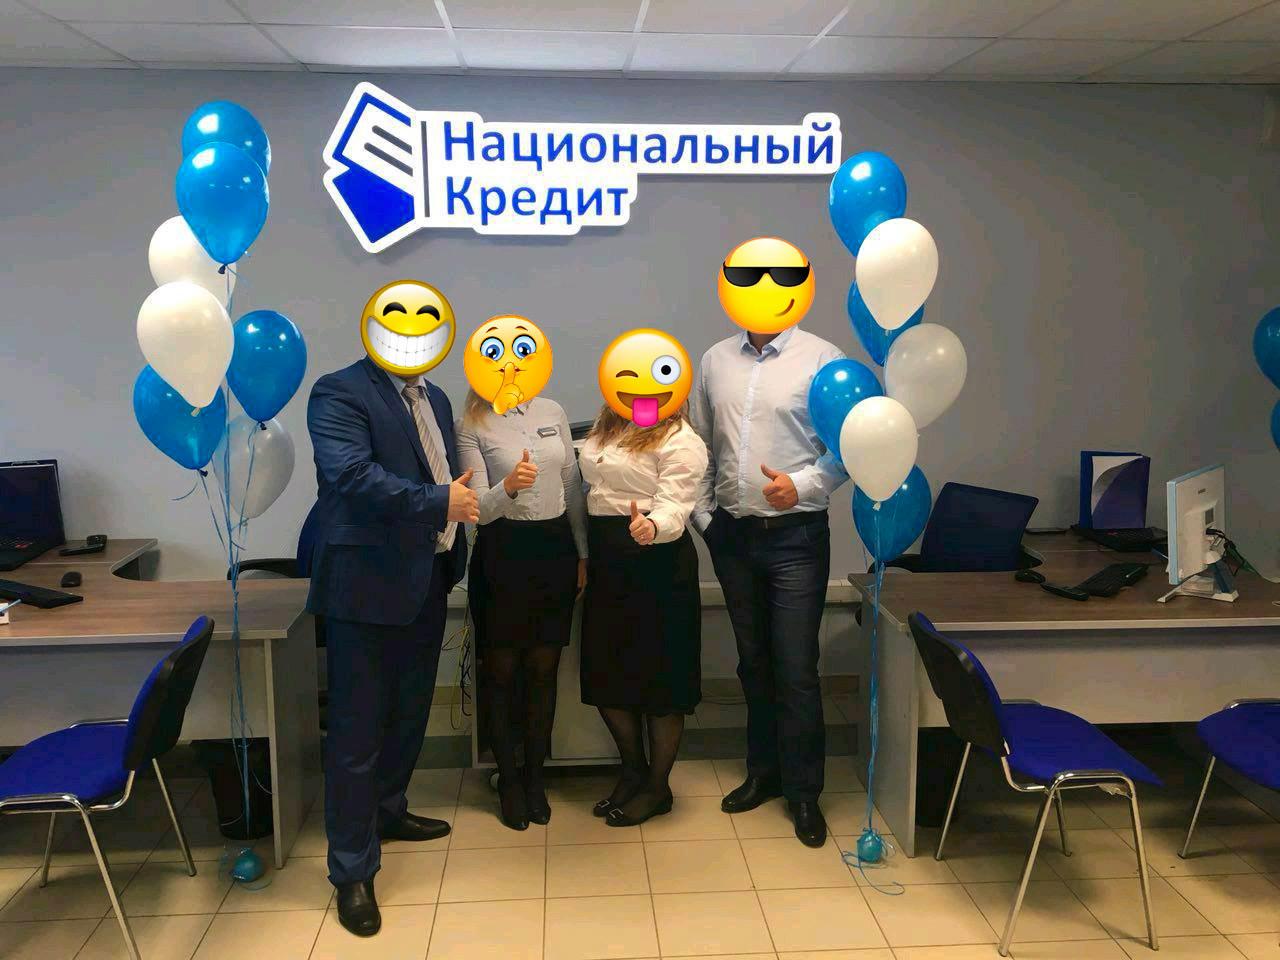 Автоломбард национальный кредит автосалон genser в москве сайт